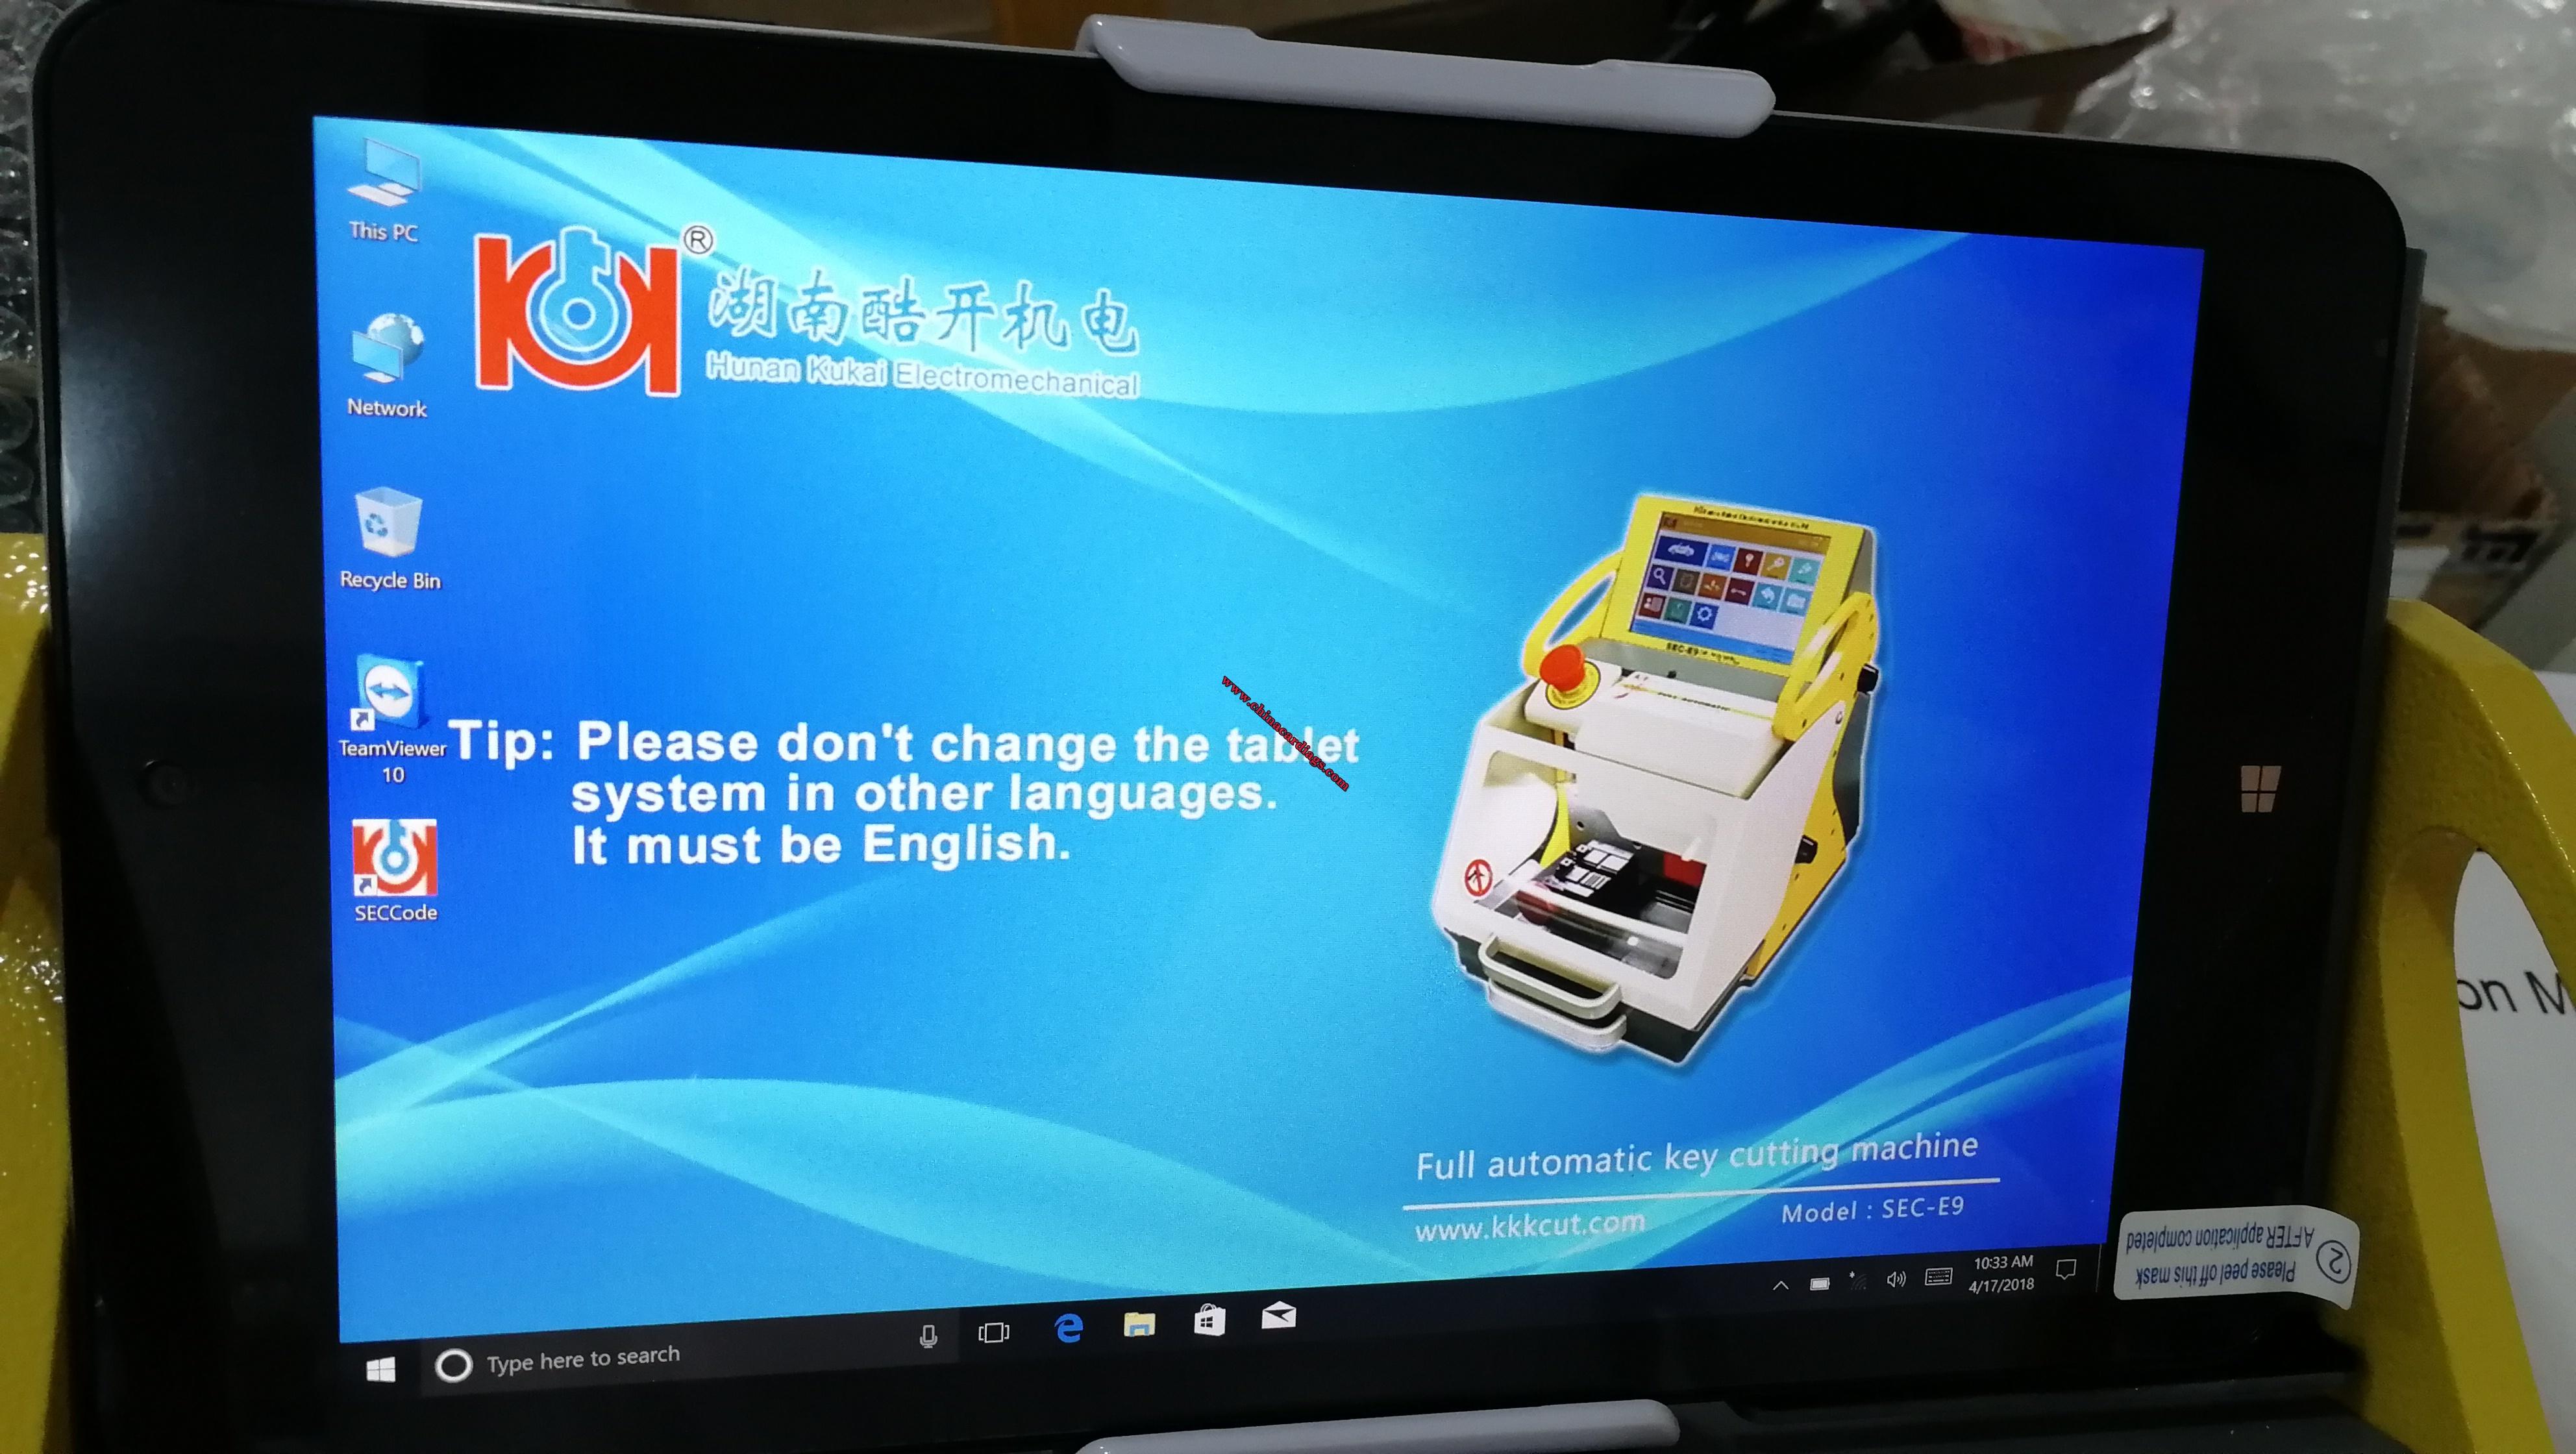 SEC-E9-tablet-02